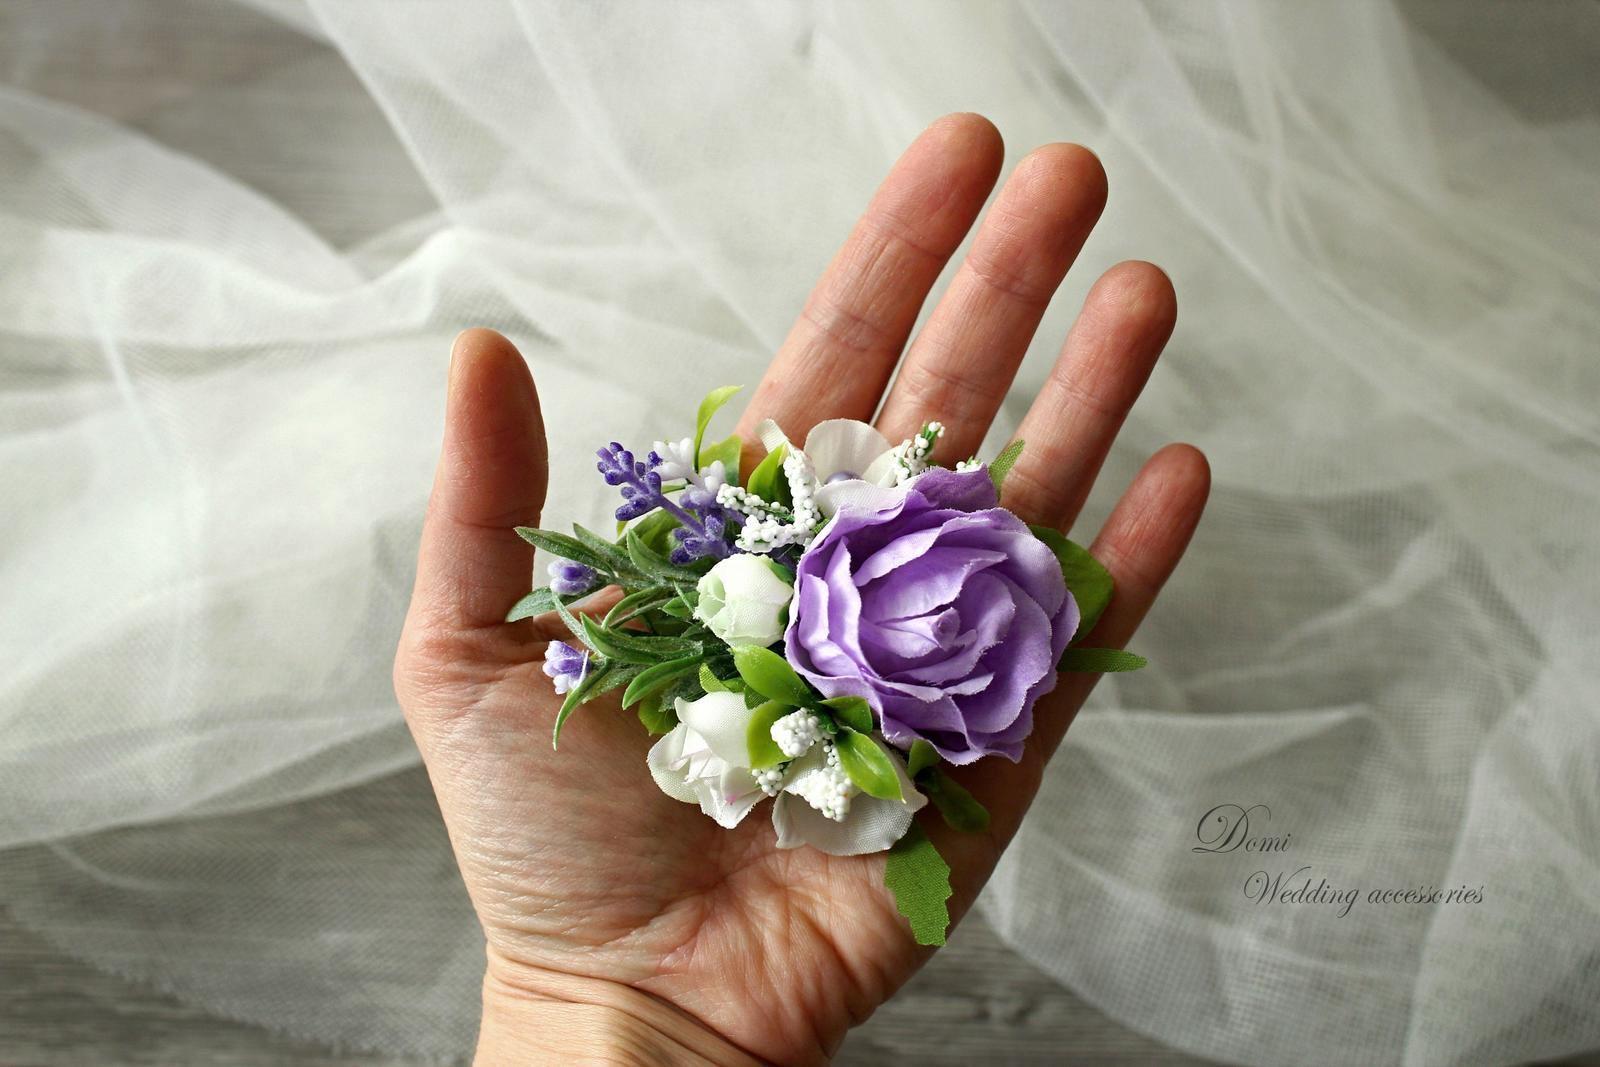 Doplnky pre nevestu, ženícha, družičky z trvácnych kvietkov... inšpirácie ♥ - Obrázok č. 15